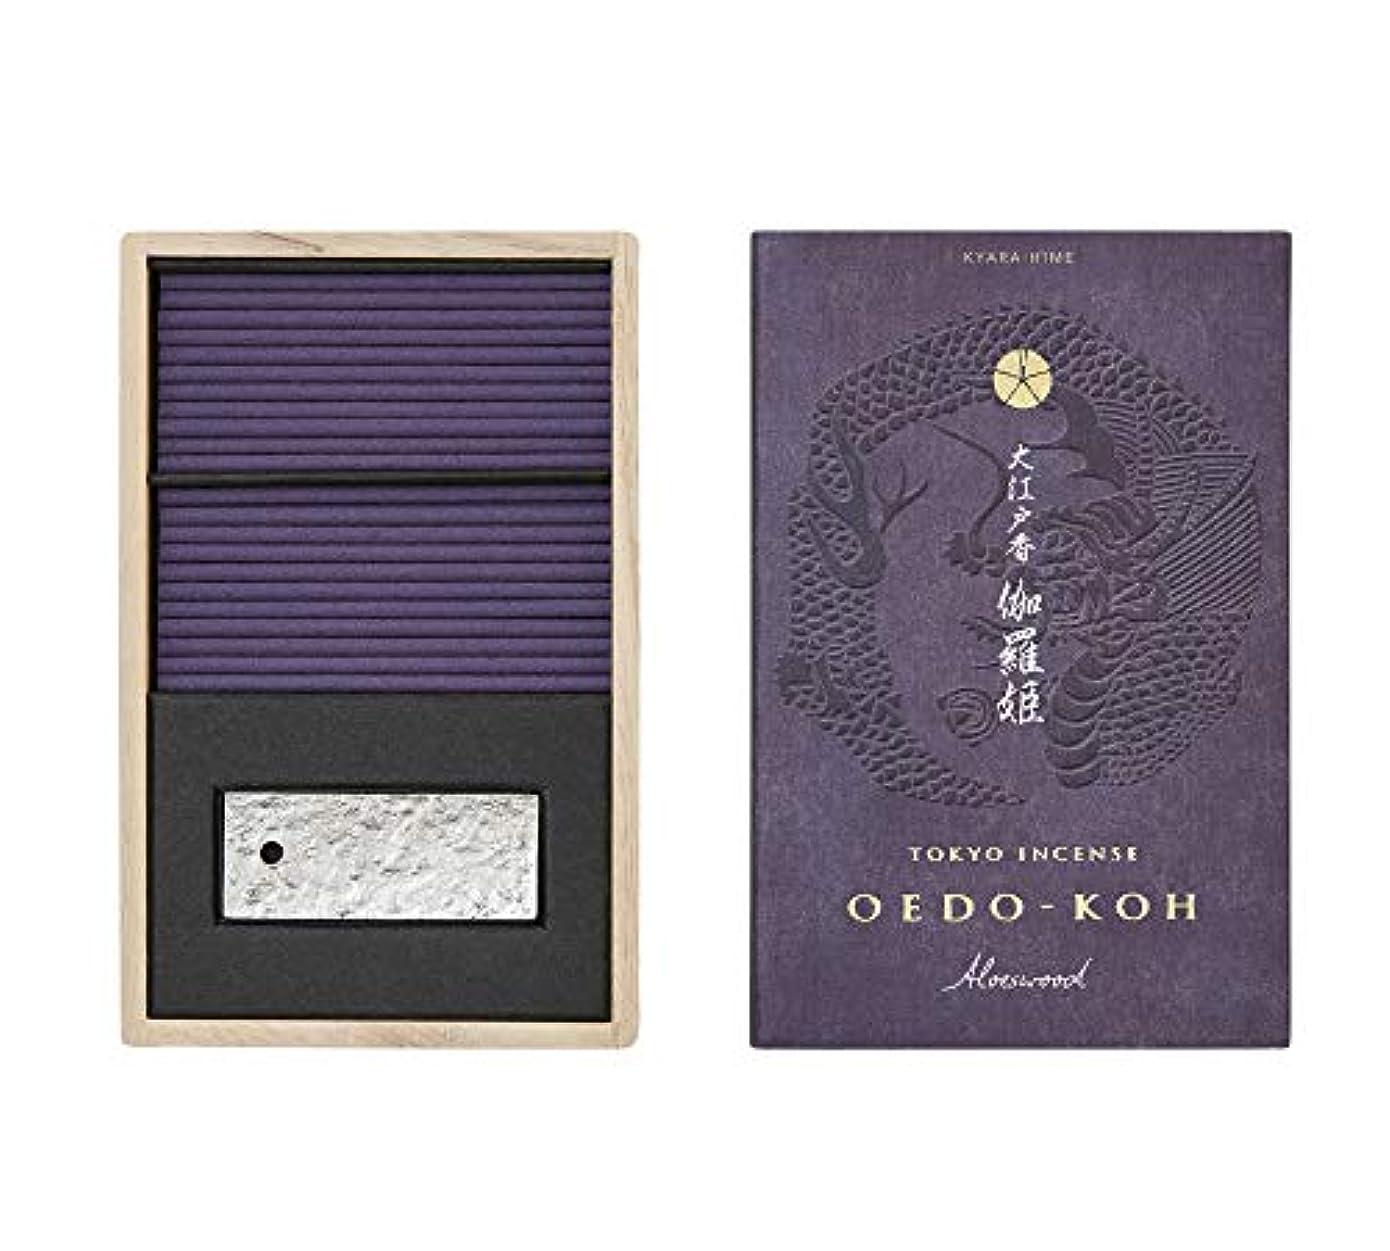 シリアル歪めるかなり日本香堂 大江戸香 伽羅姫(きゃらひめ) スティック60本入 香立付